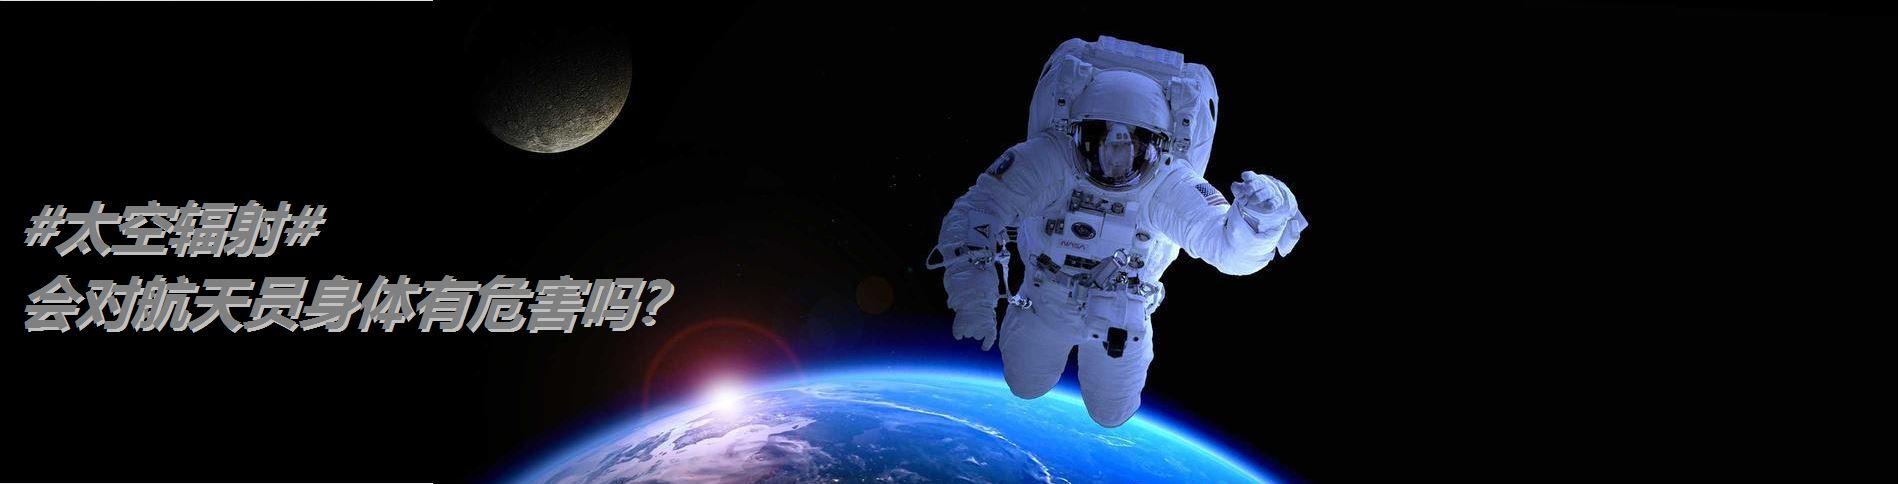 太空辐射会对航天员身体有危害吗?